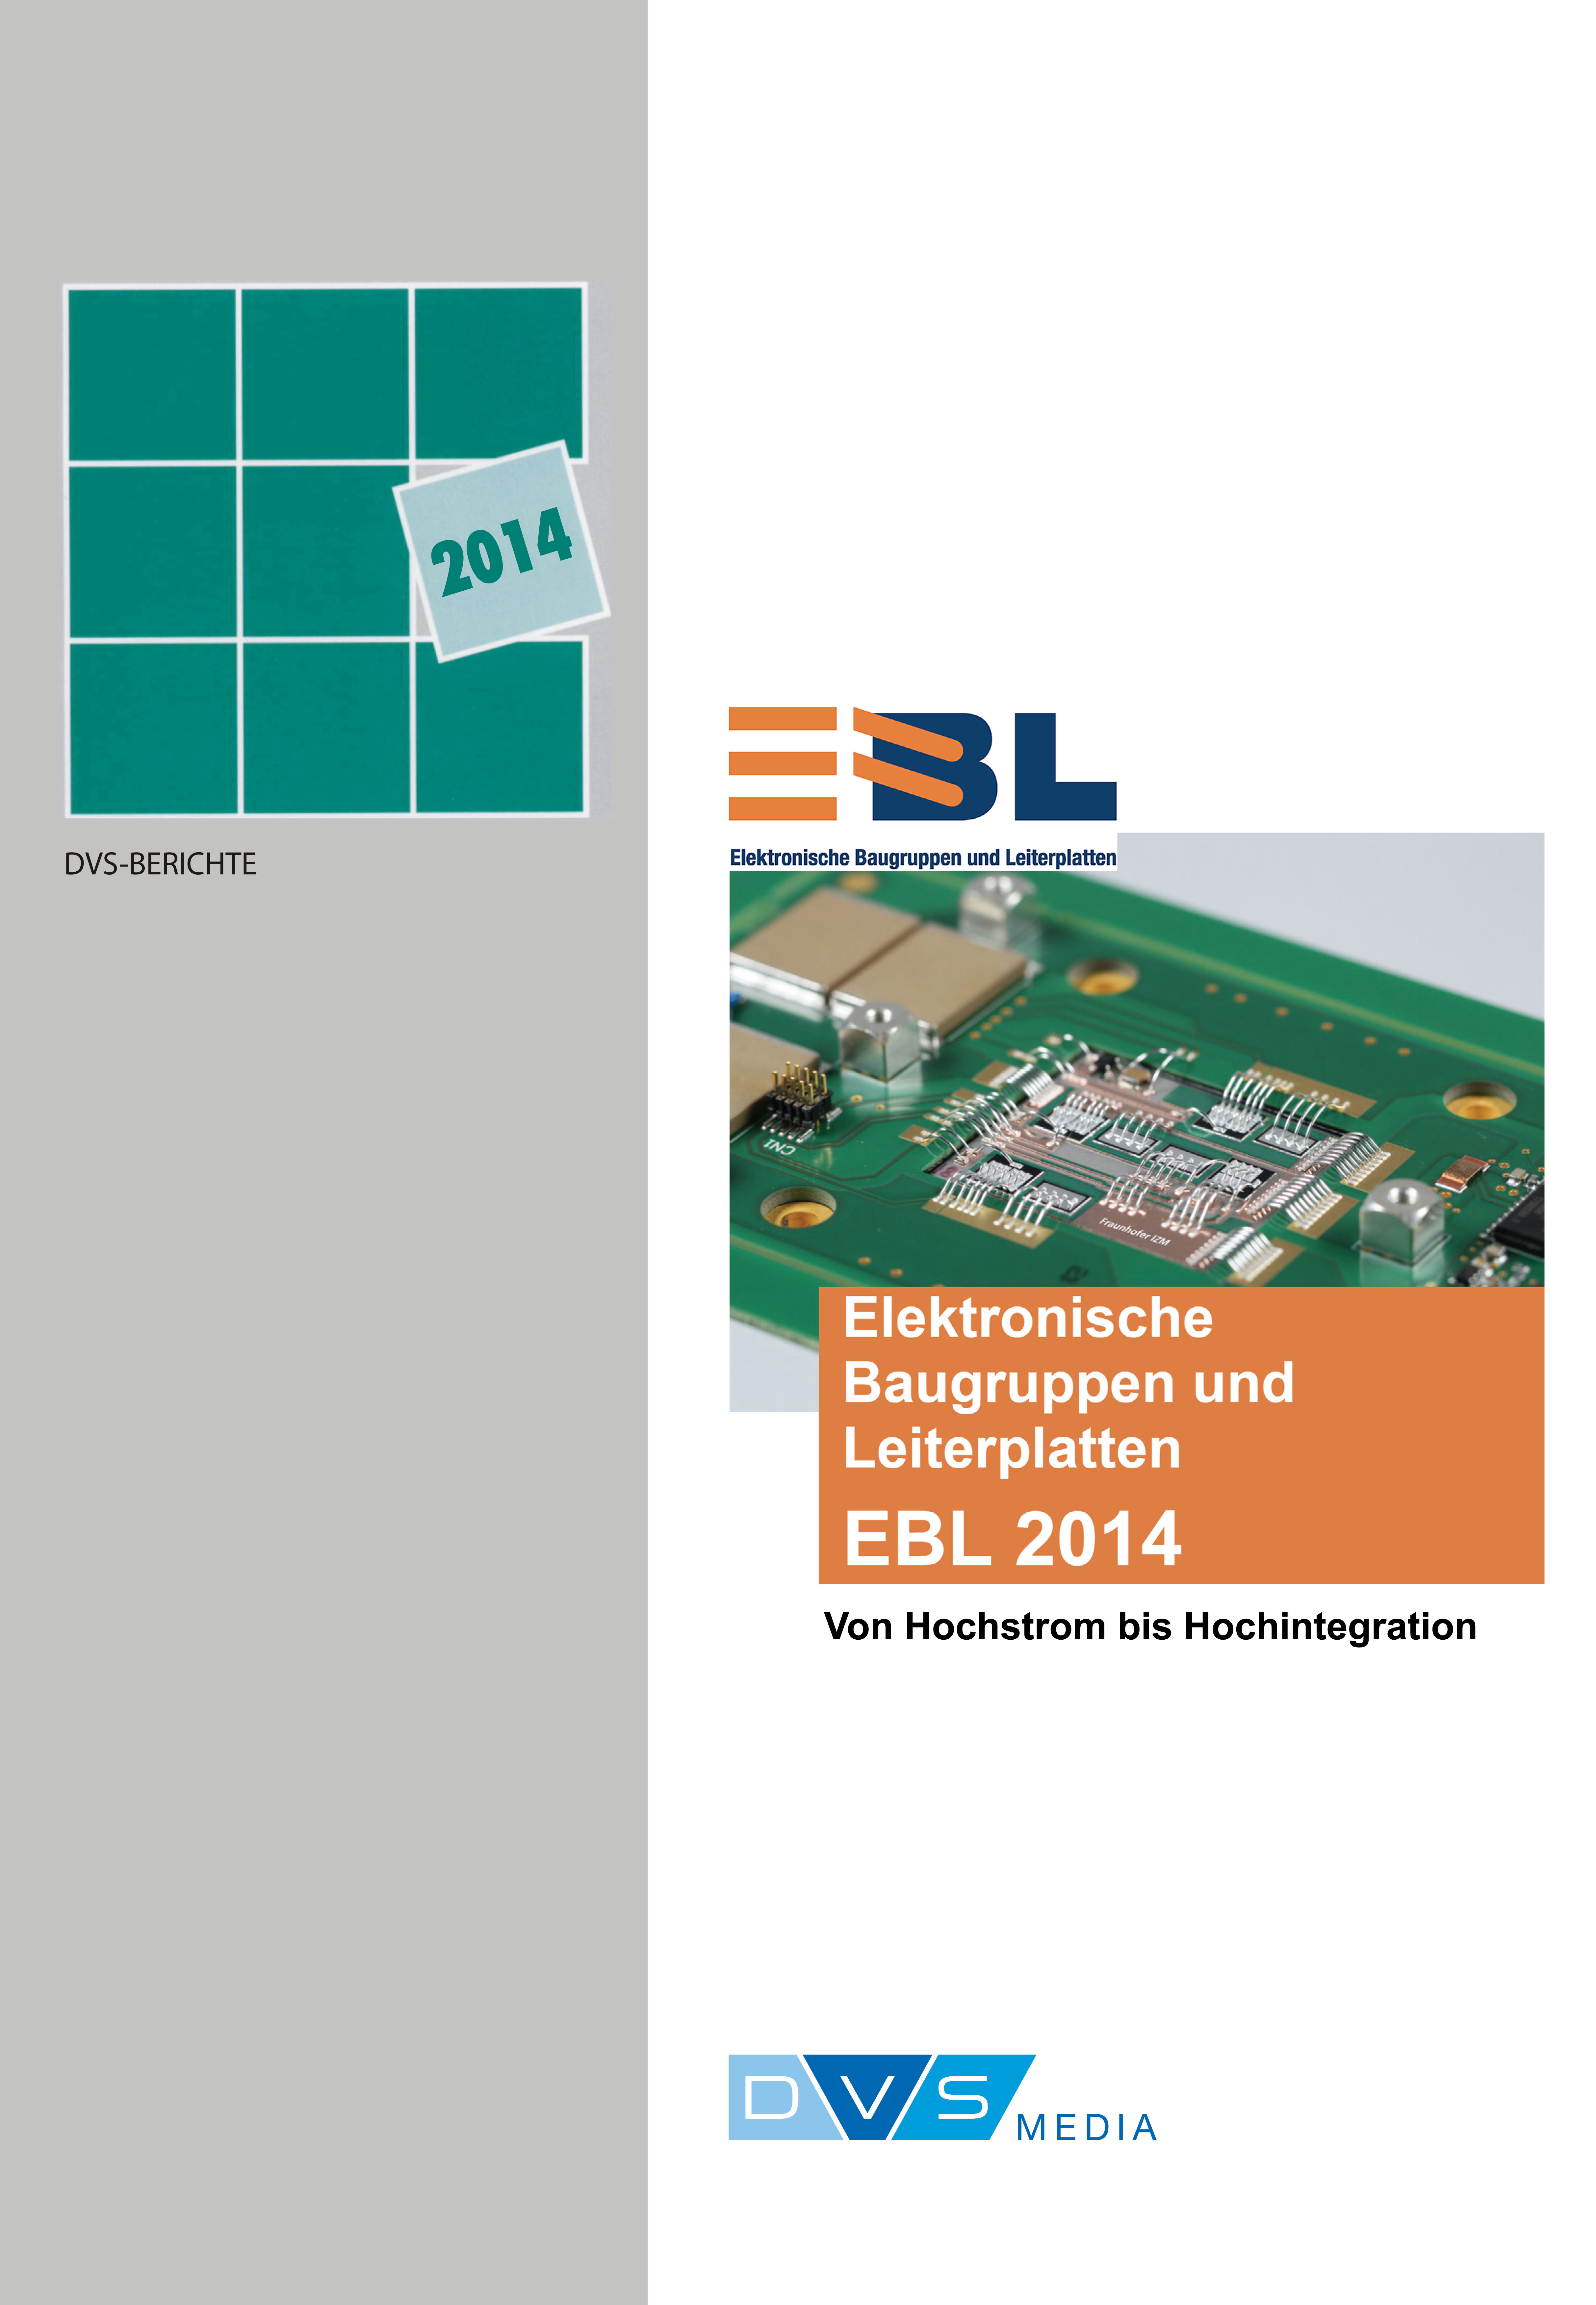 Elektronische Baugruppen und Leiterplatten EBL 2014 -  -  9783871555732